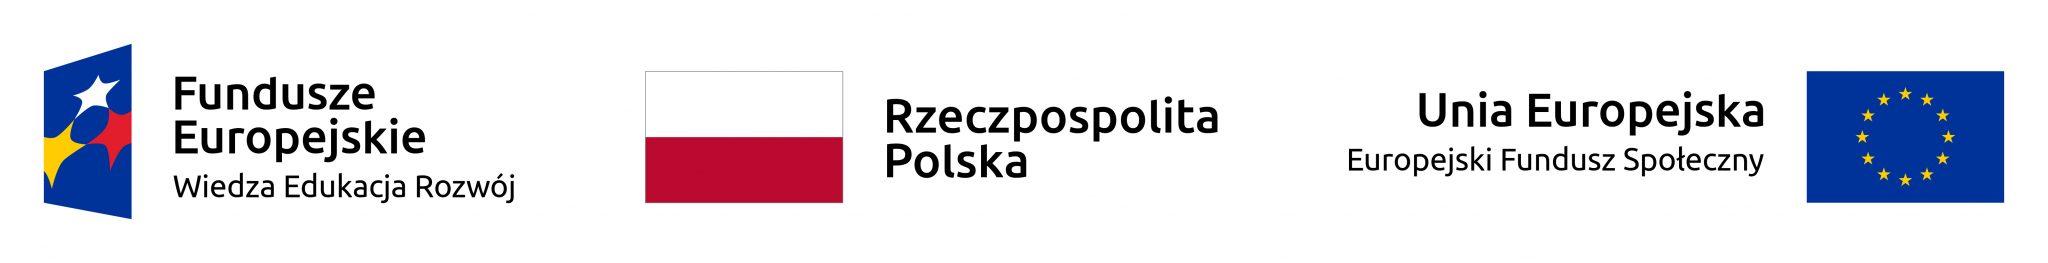 Logo Fundusze Europejskie, Flaga Państwowa Rzeczypospolitej Polskiej, Logo UE EFS